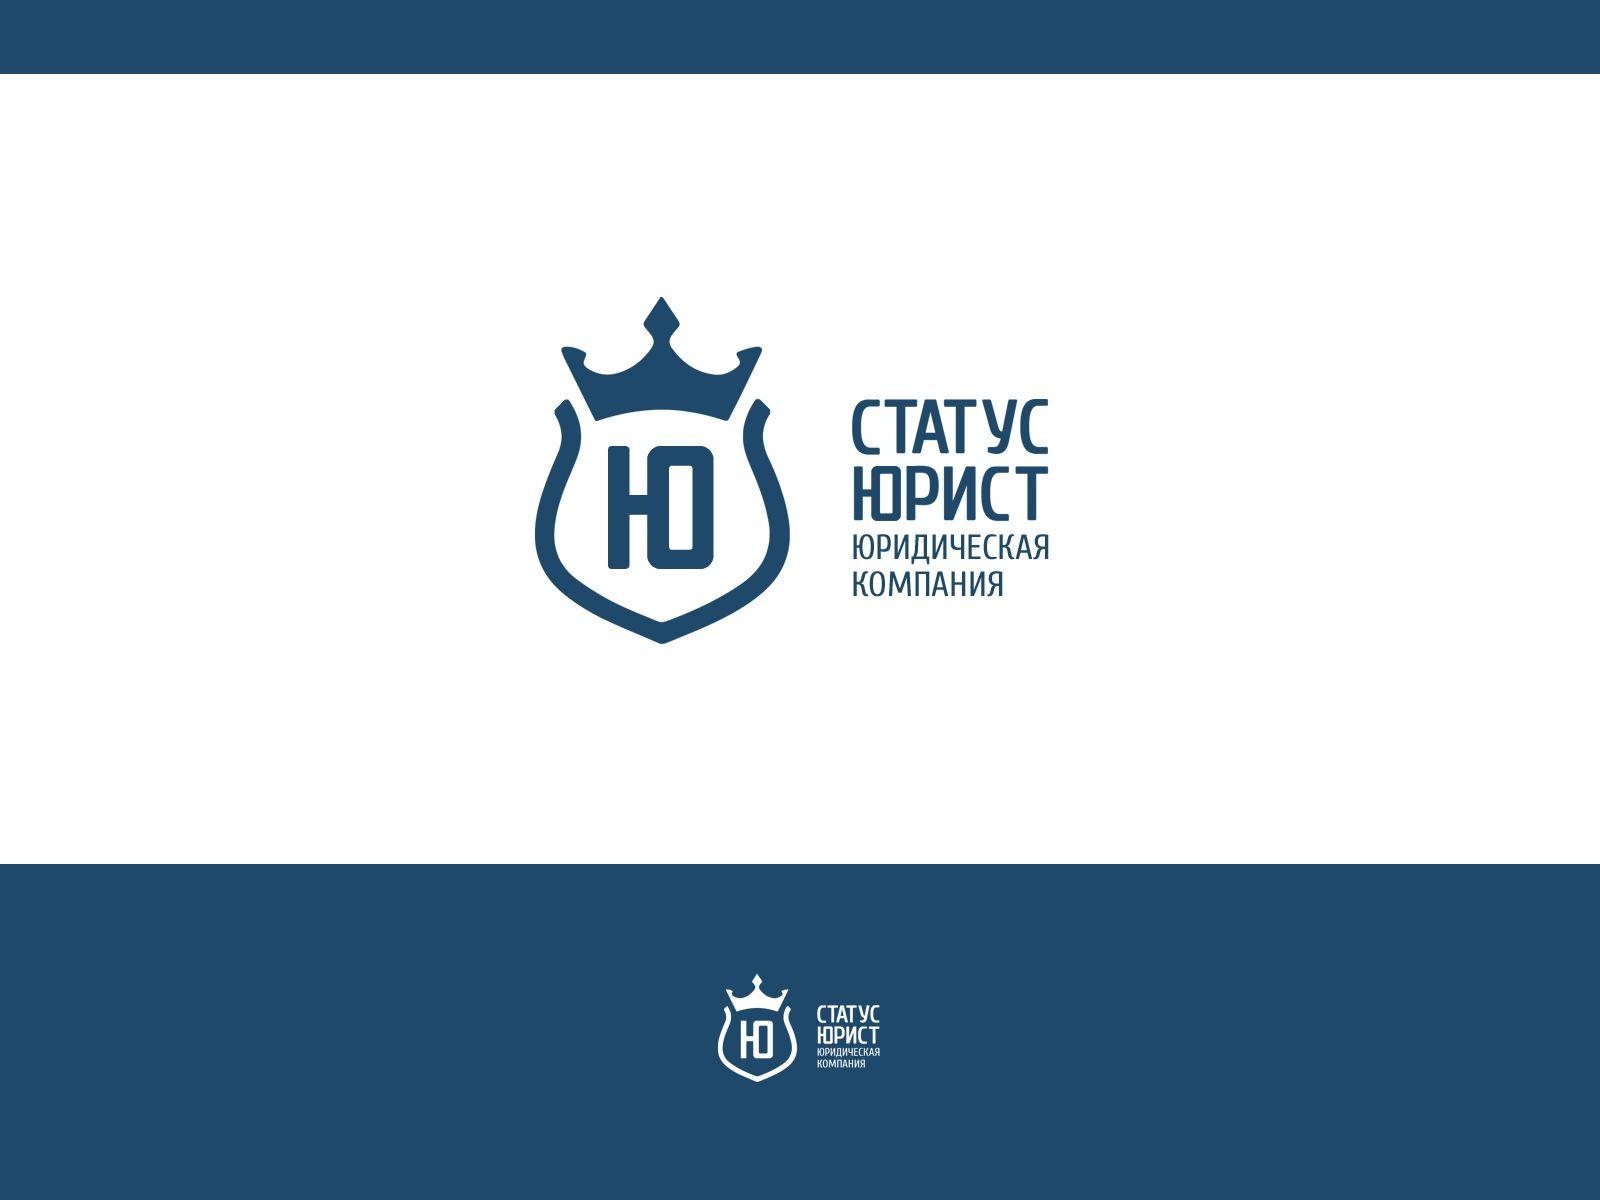 Логотип для Статус Юрист - дизайнер webgrafika